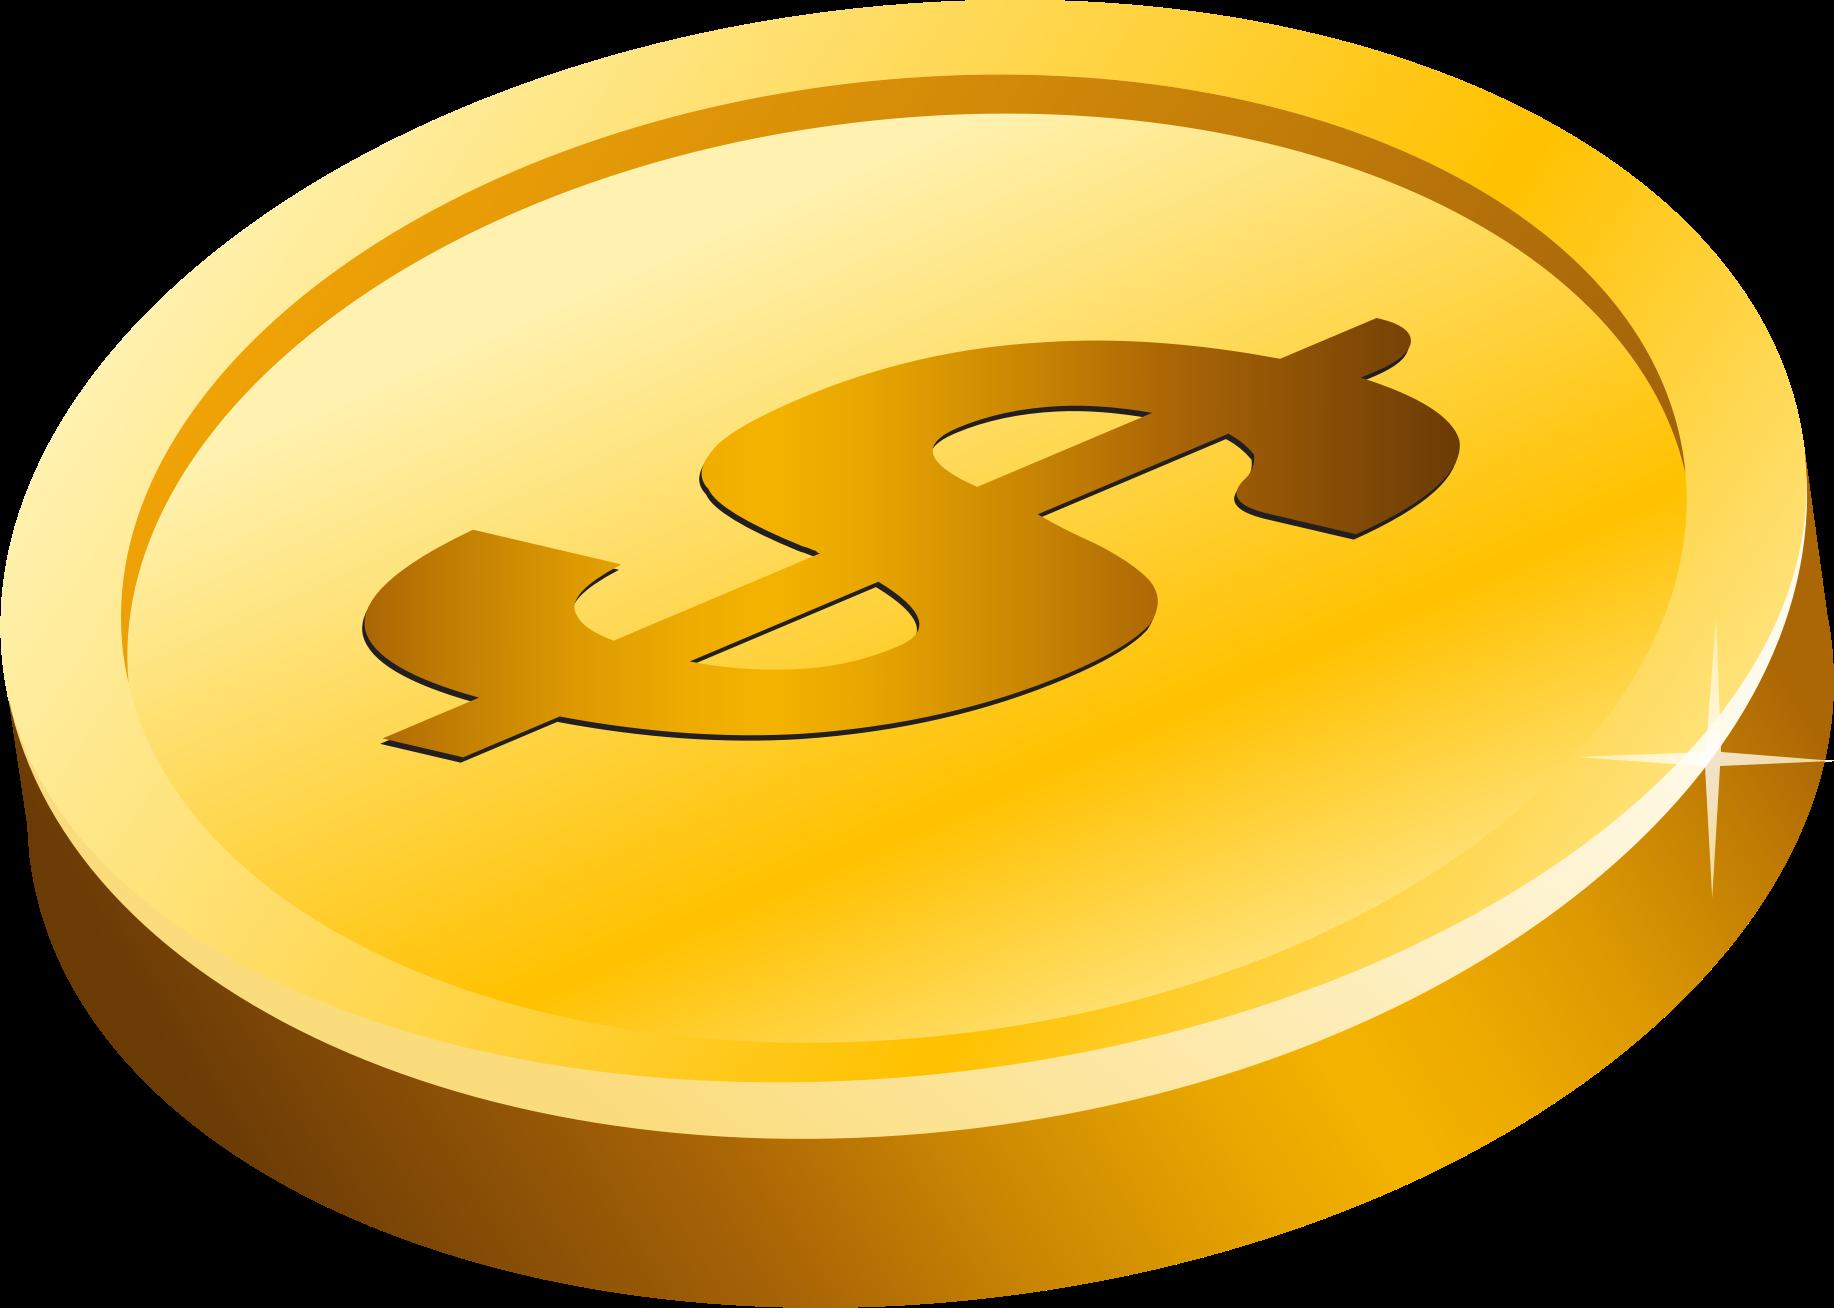 Coins clipart clip art gold, Coins clip art gold Transparent.